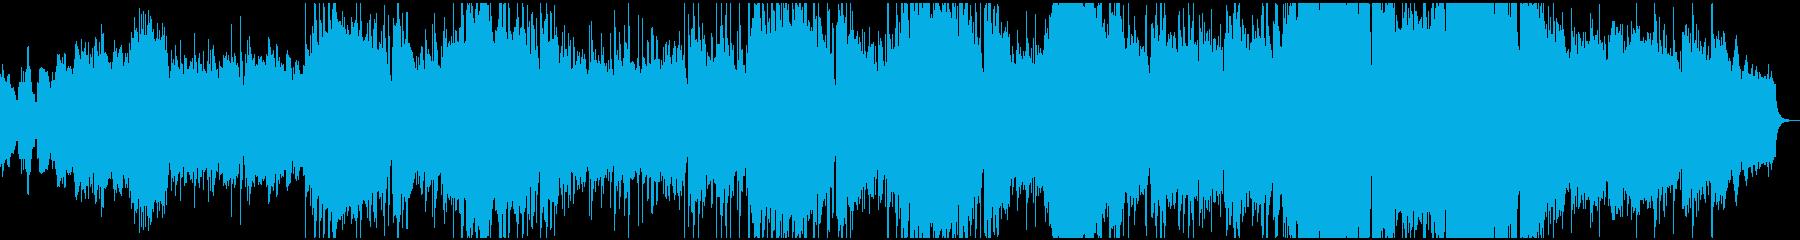 シベリウスのフィンランディアから平和の歌の再生済みの波形